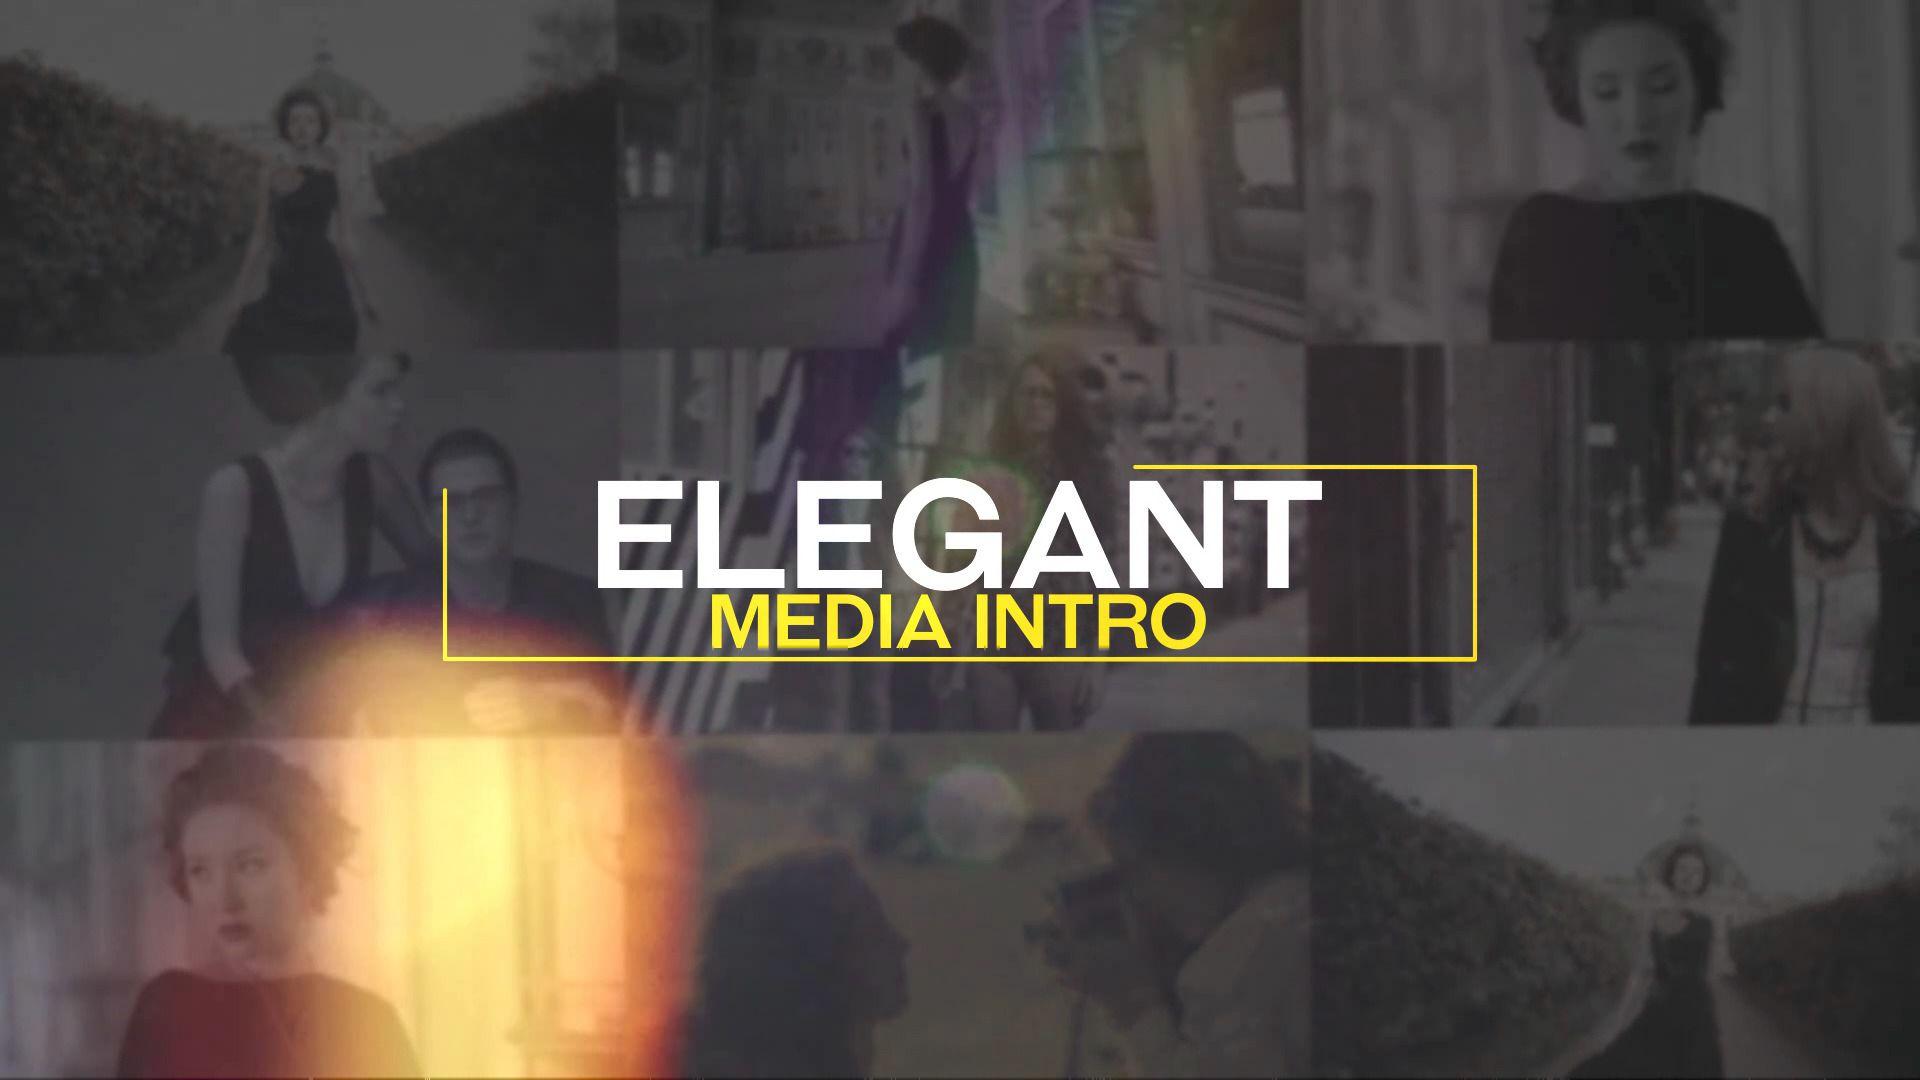 Elegant Media Intro - 6